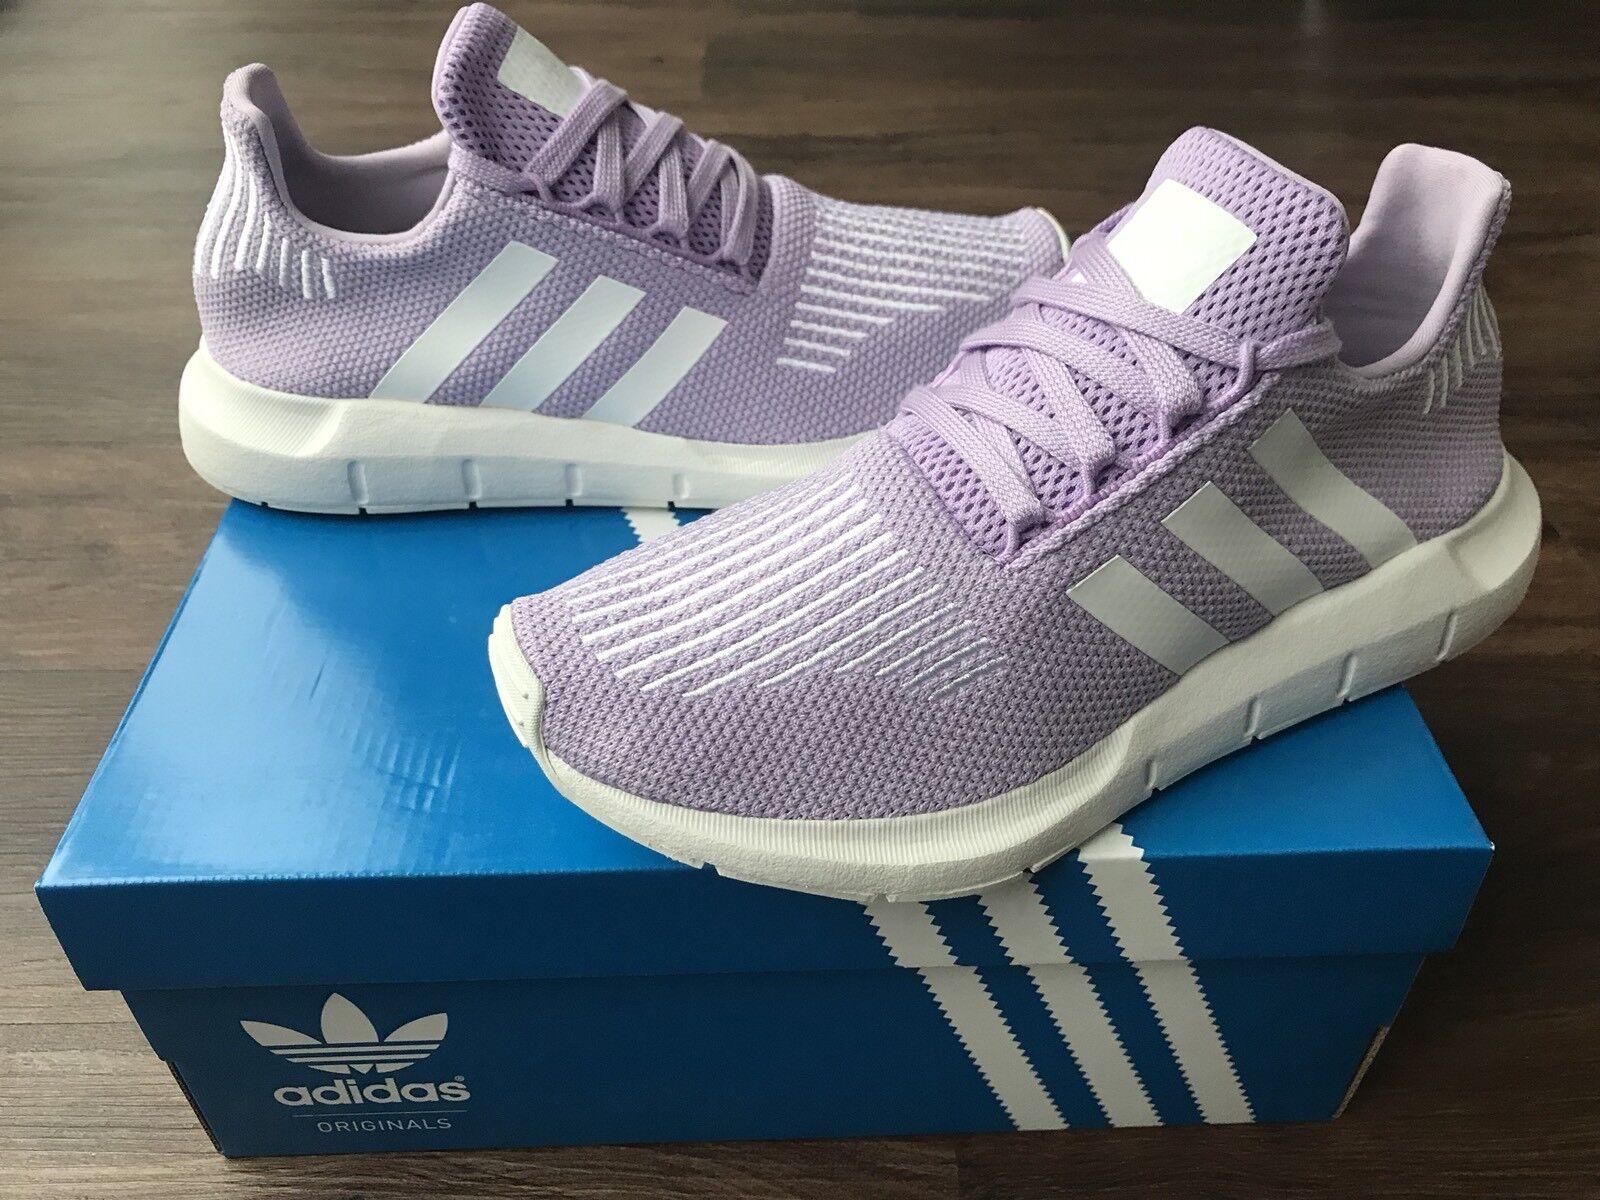 Adidas Mujer Swift Ejecutar Entrenadores, púrpuraPara Mujer Adidas Talla 5.5 0ed279